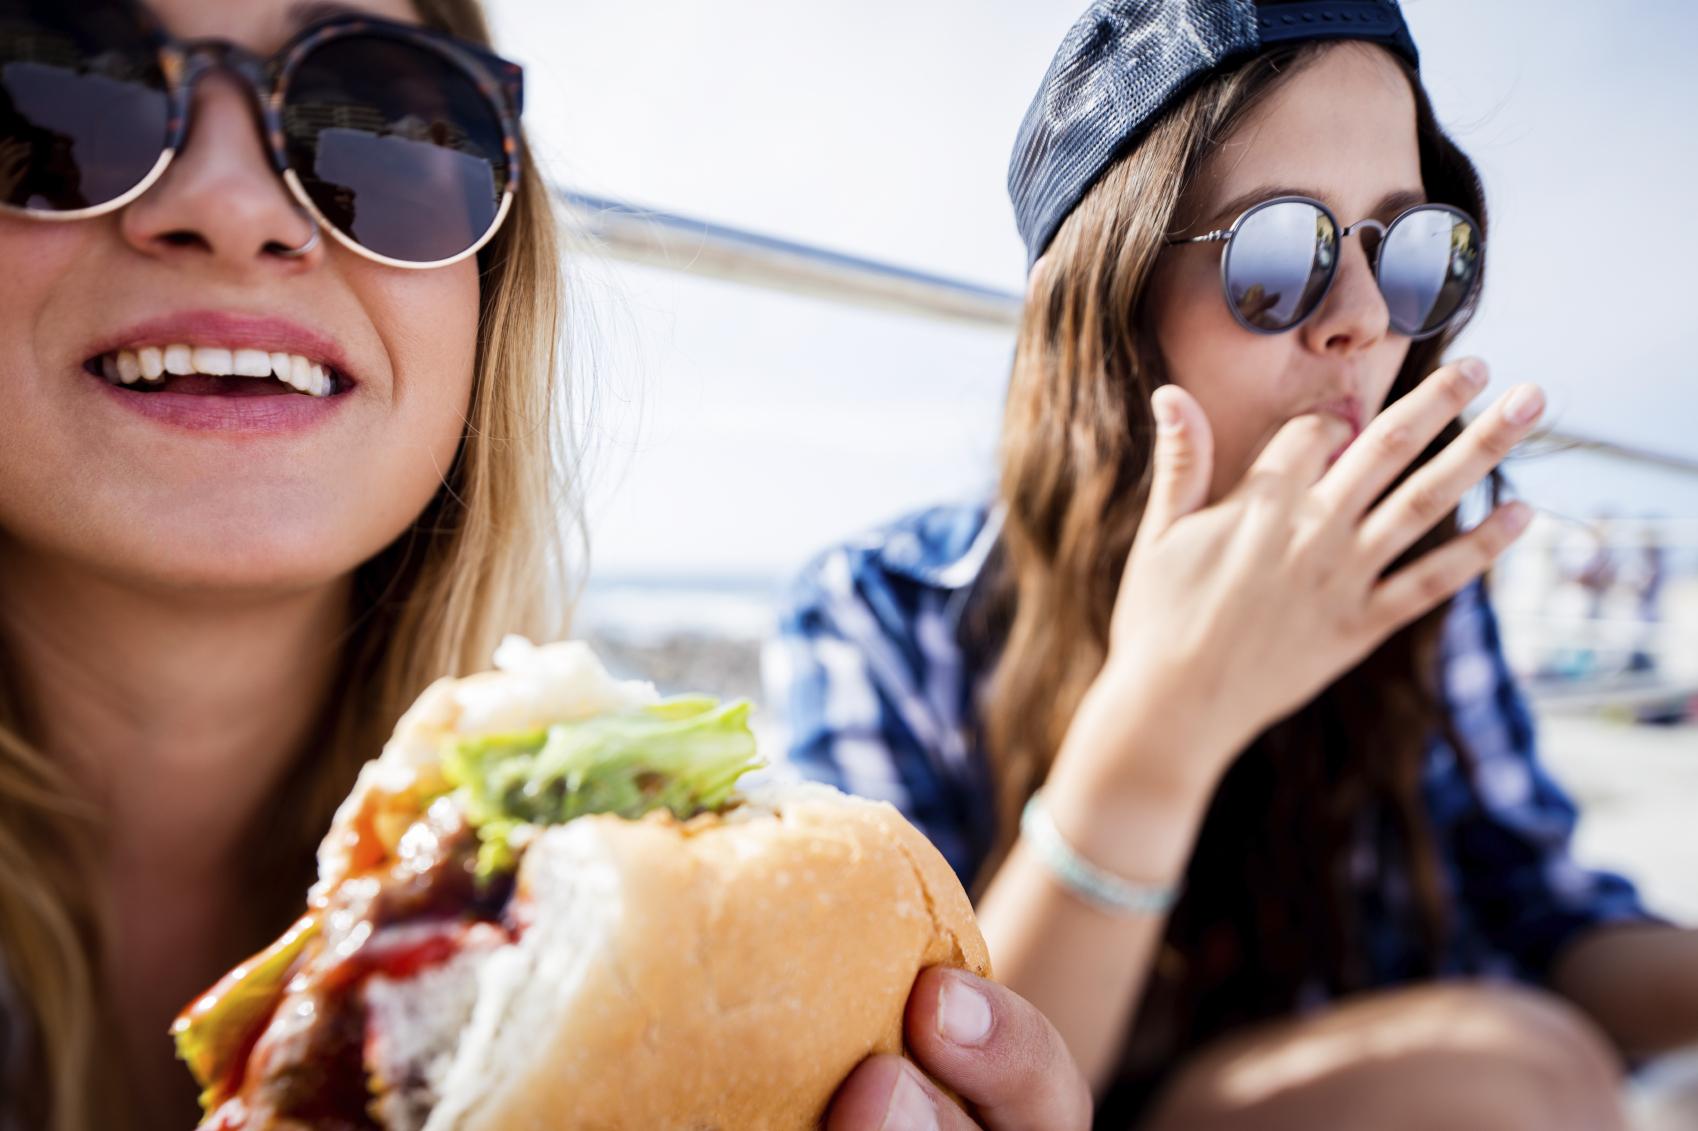 Free teen diets